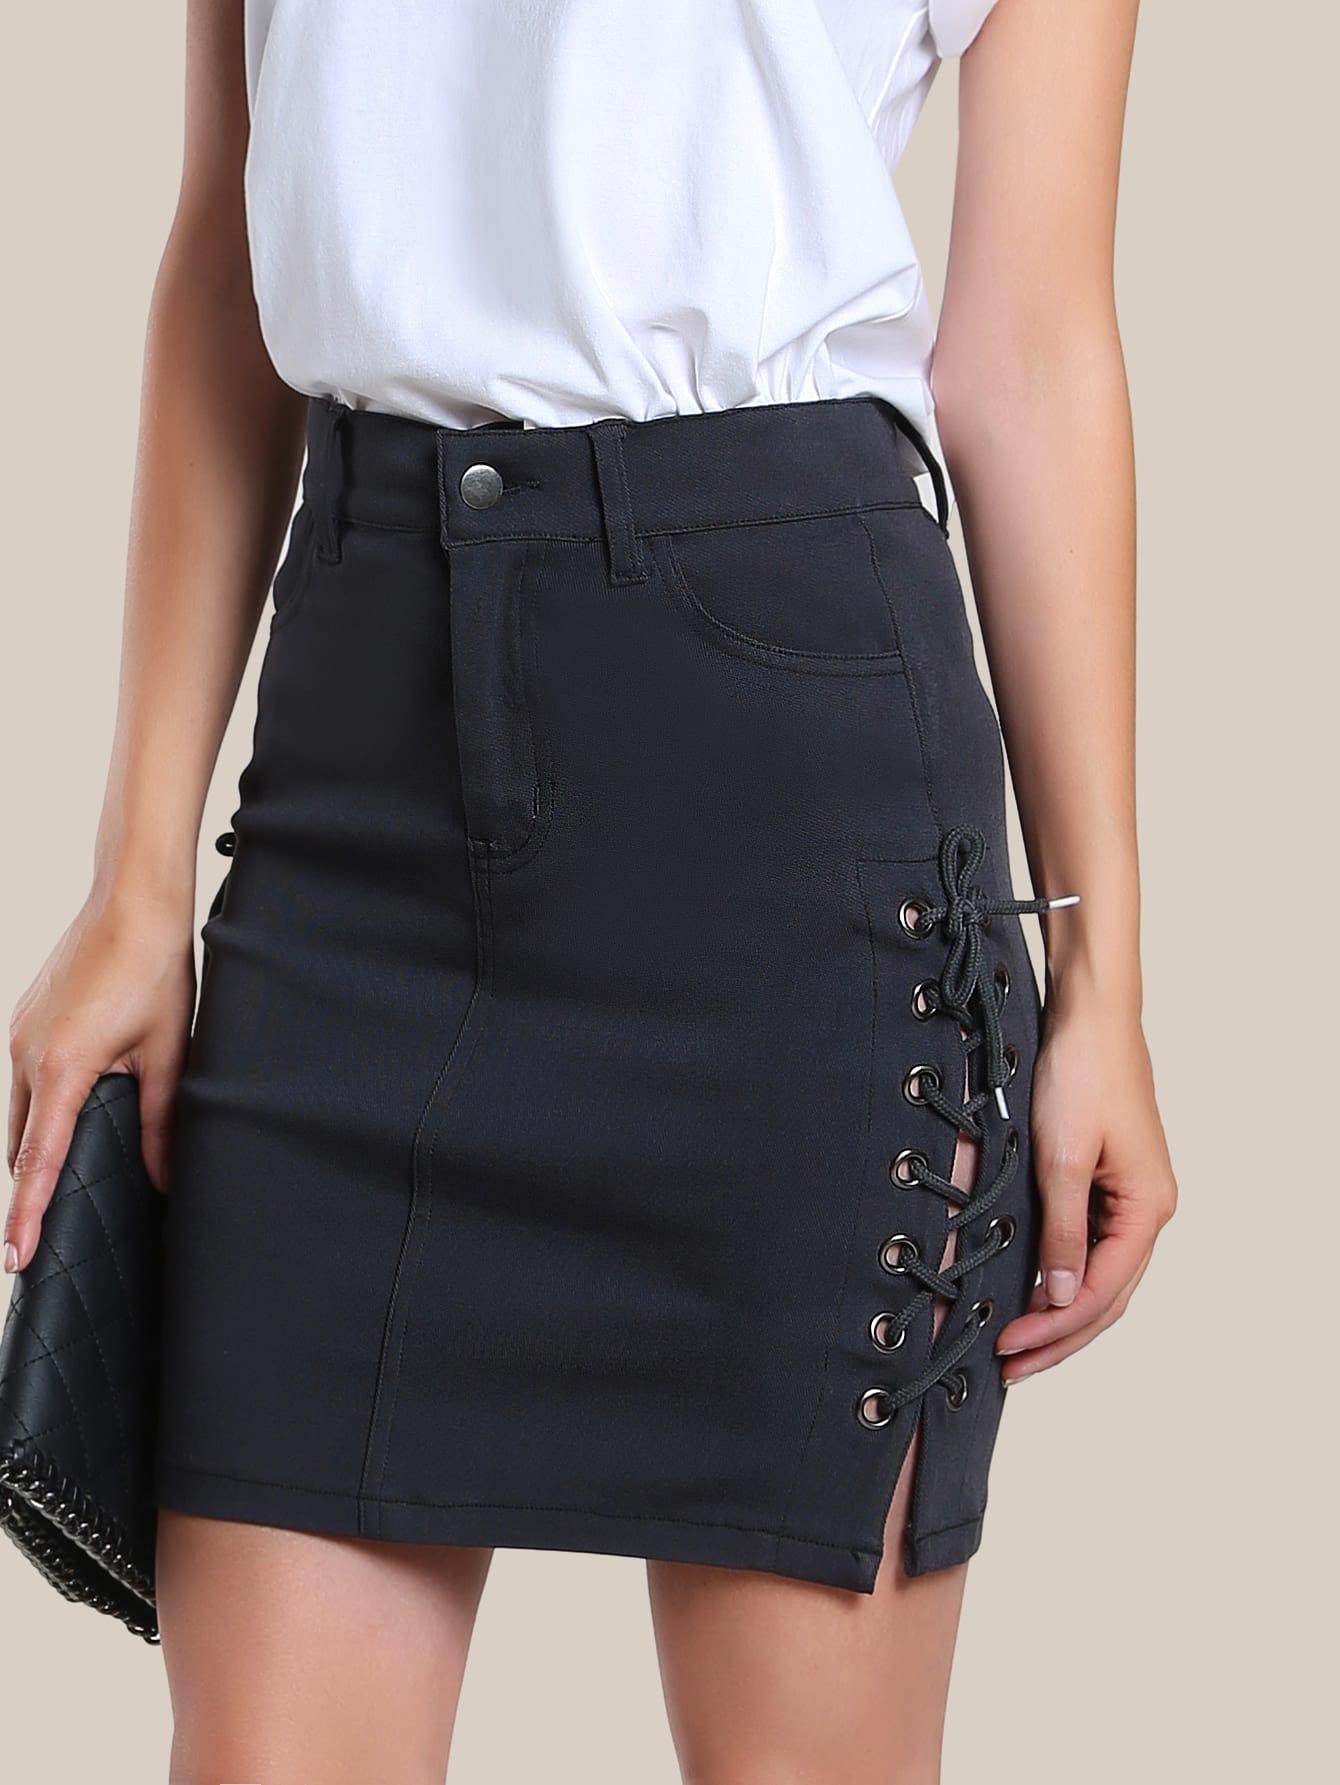 Eyelet Lace Up Side Skirt